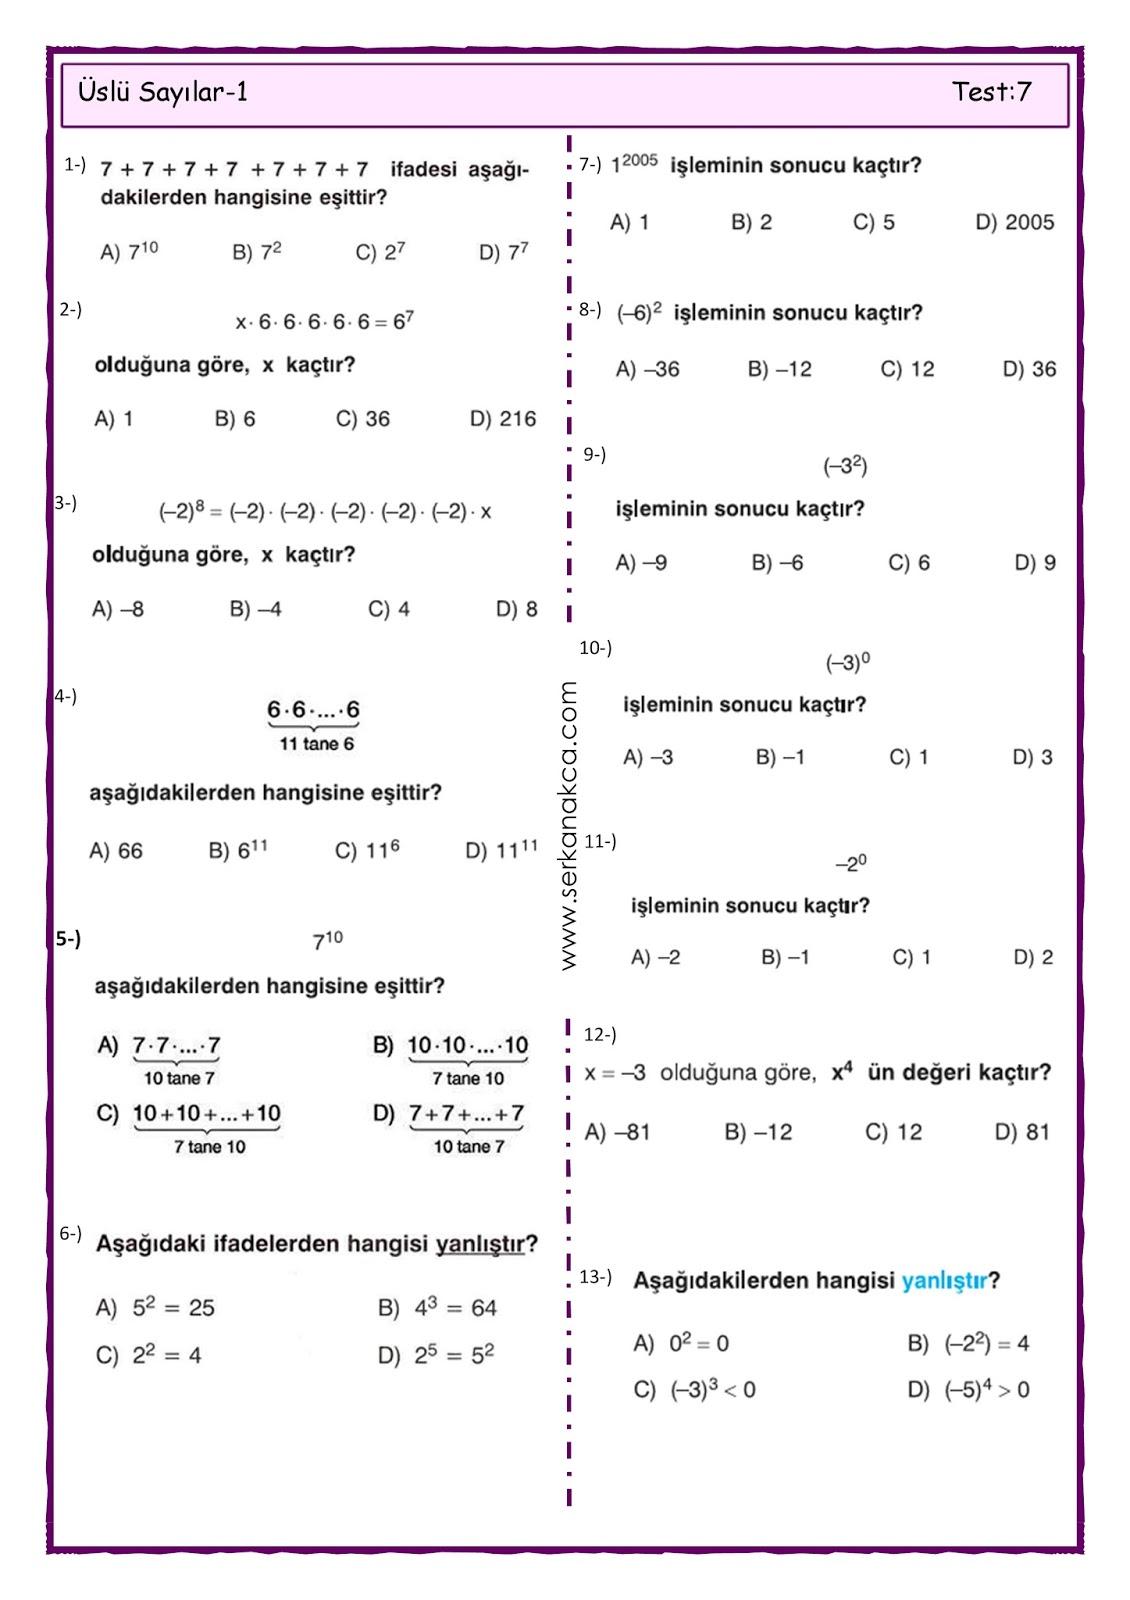 7 Sinif Uslu Sayilar 1 Serkan Akca Matematik